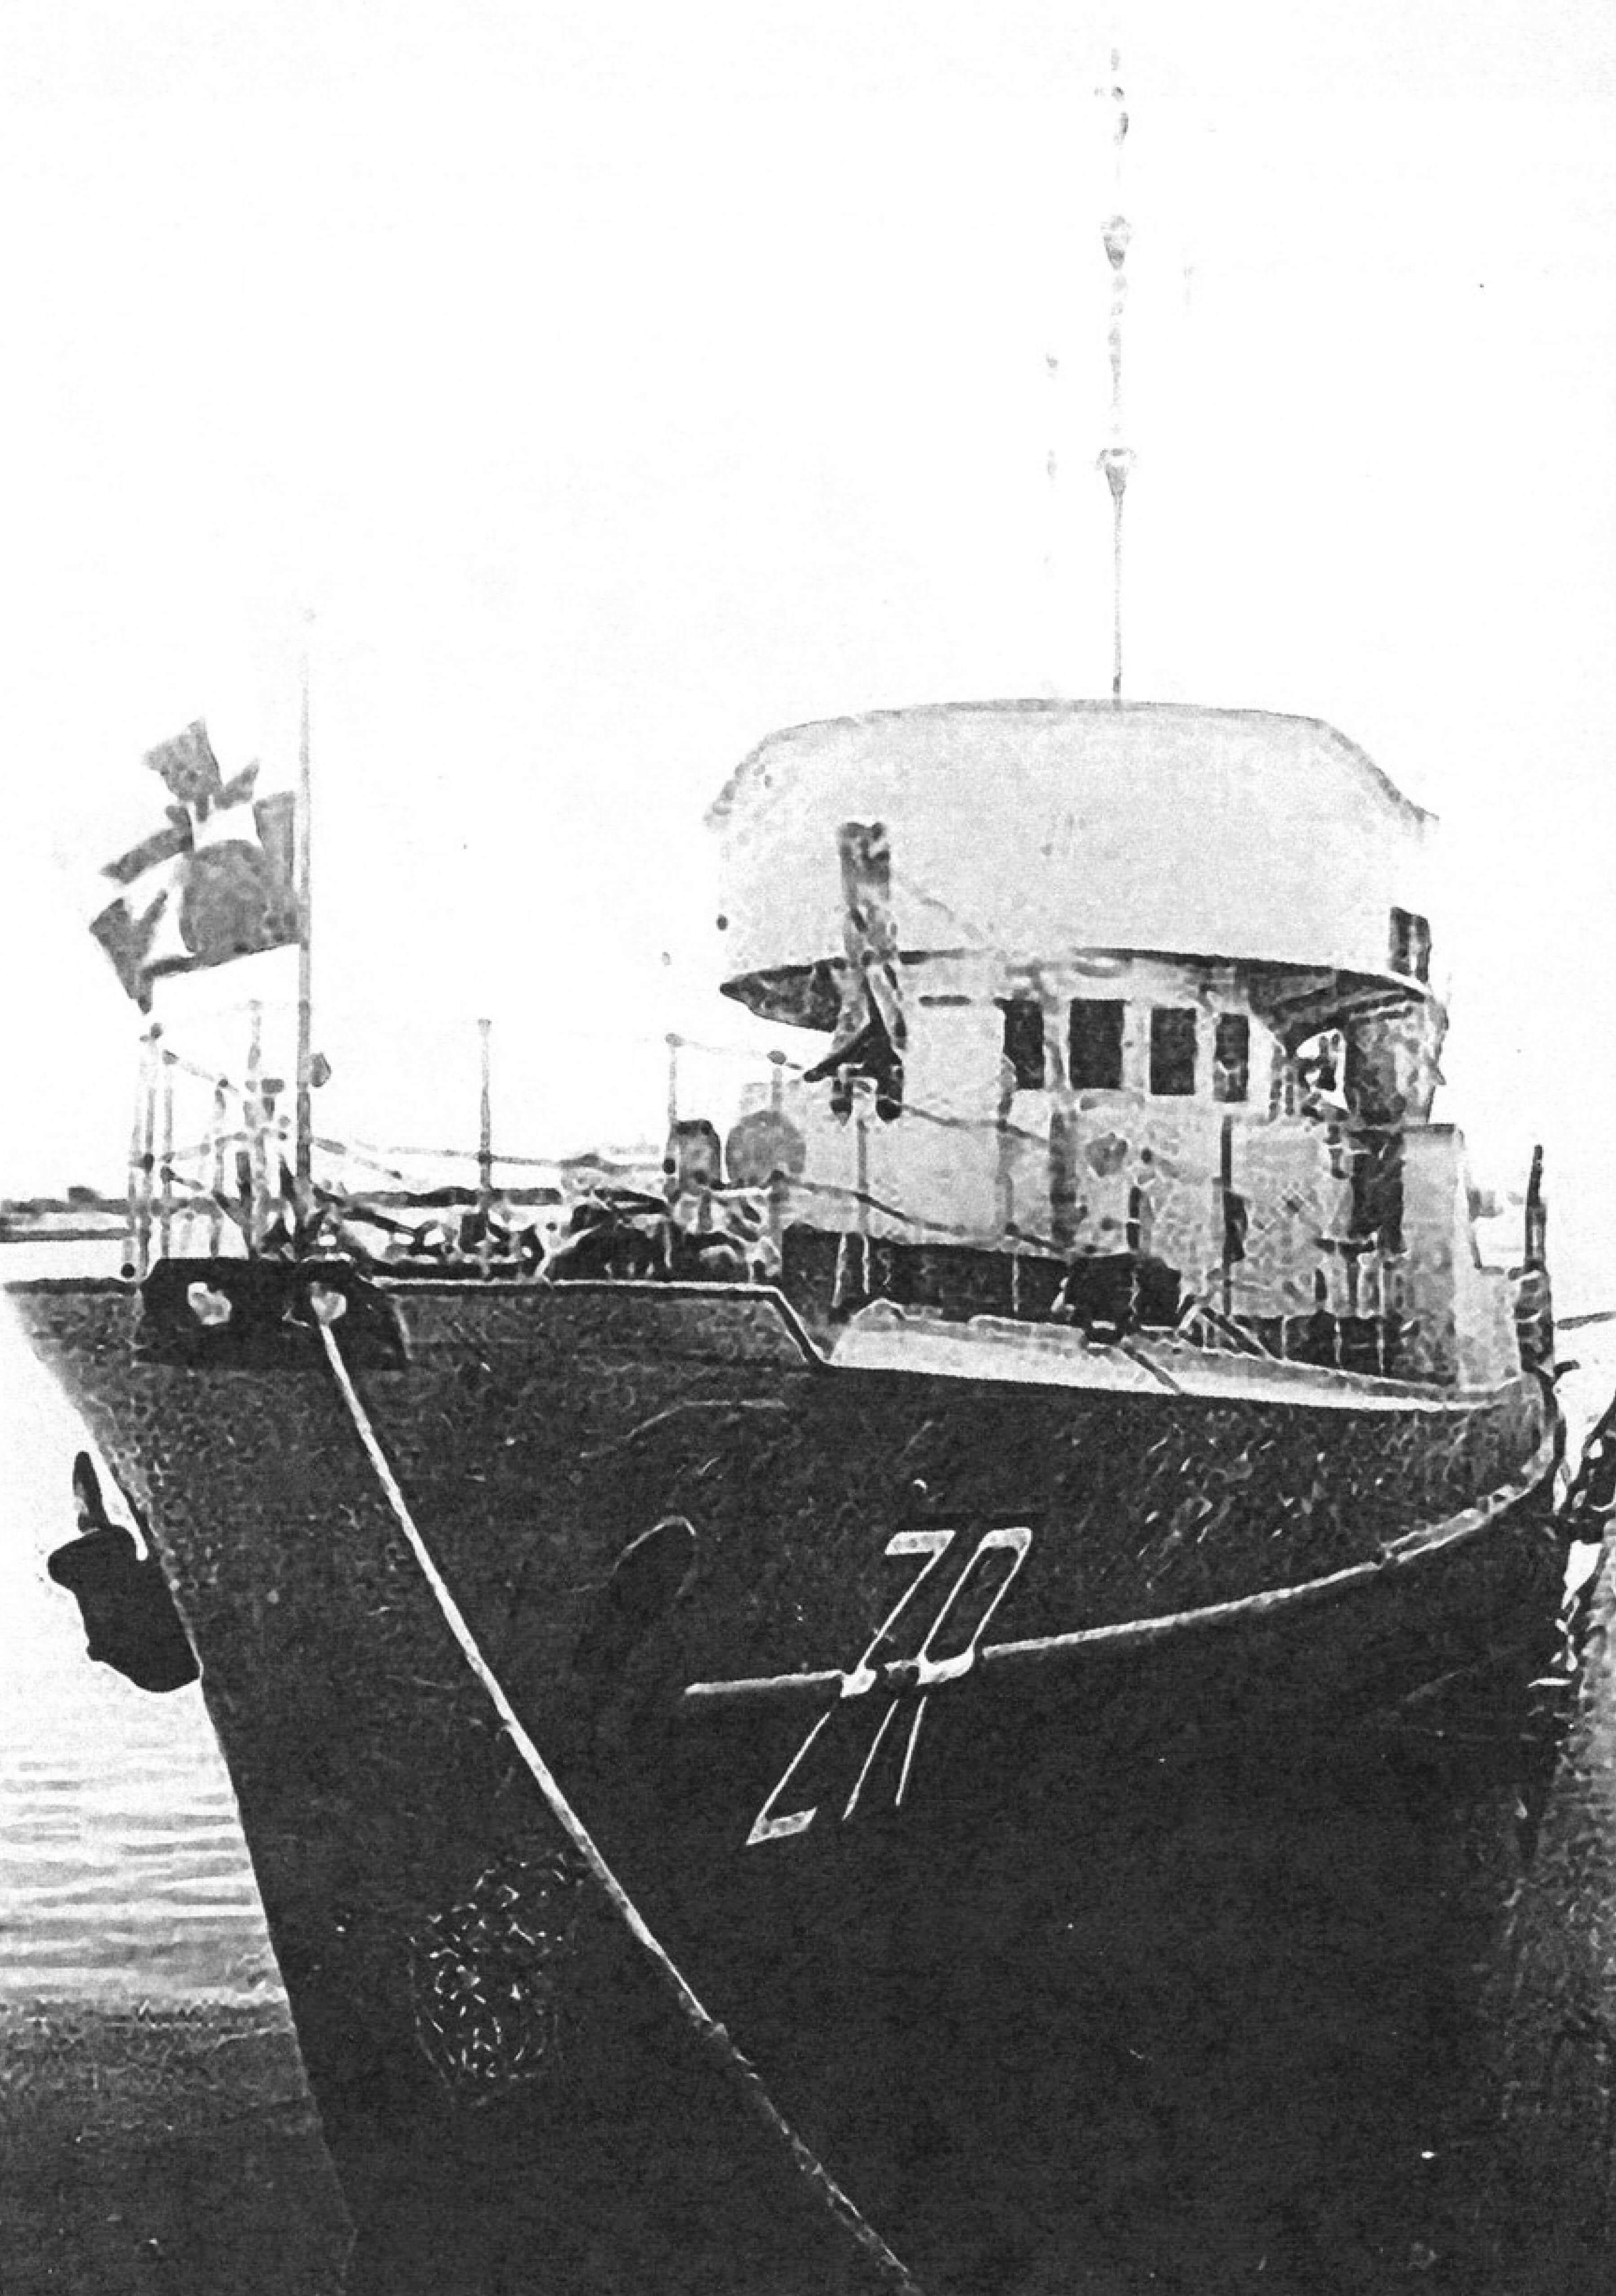 Тральщик «Zuraw» вступил в строй в конце августа 1939 года. Послевоенное фото (ориентировочно 1947-1948 годов), когда он был переформирован в гидрографический корабль и получил бортовое обозначение «ZR»